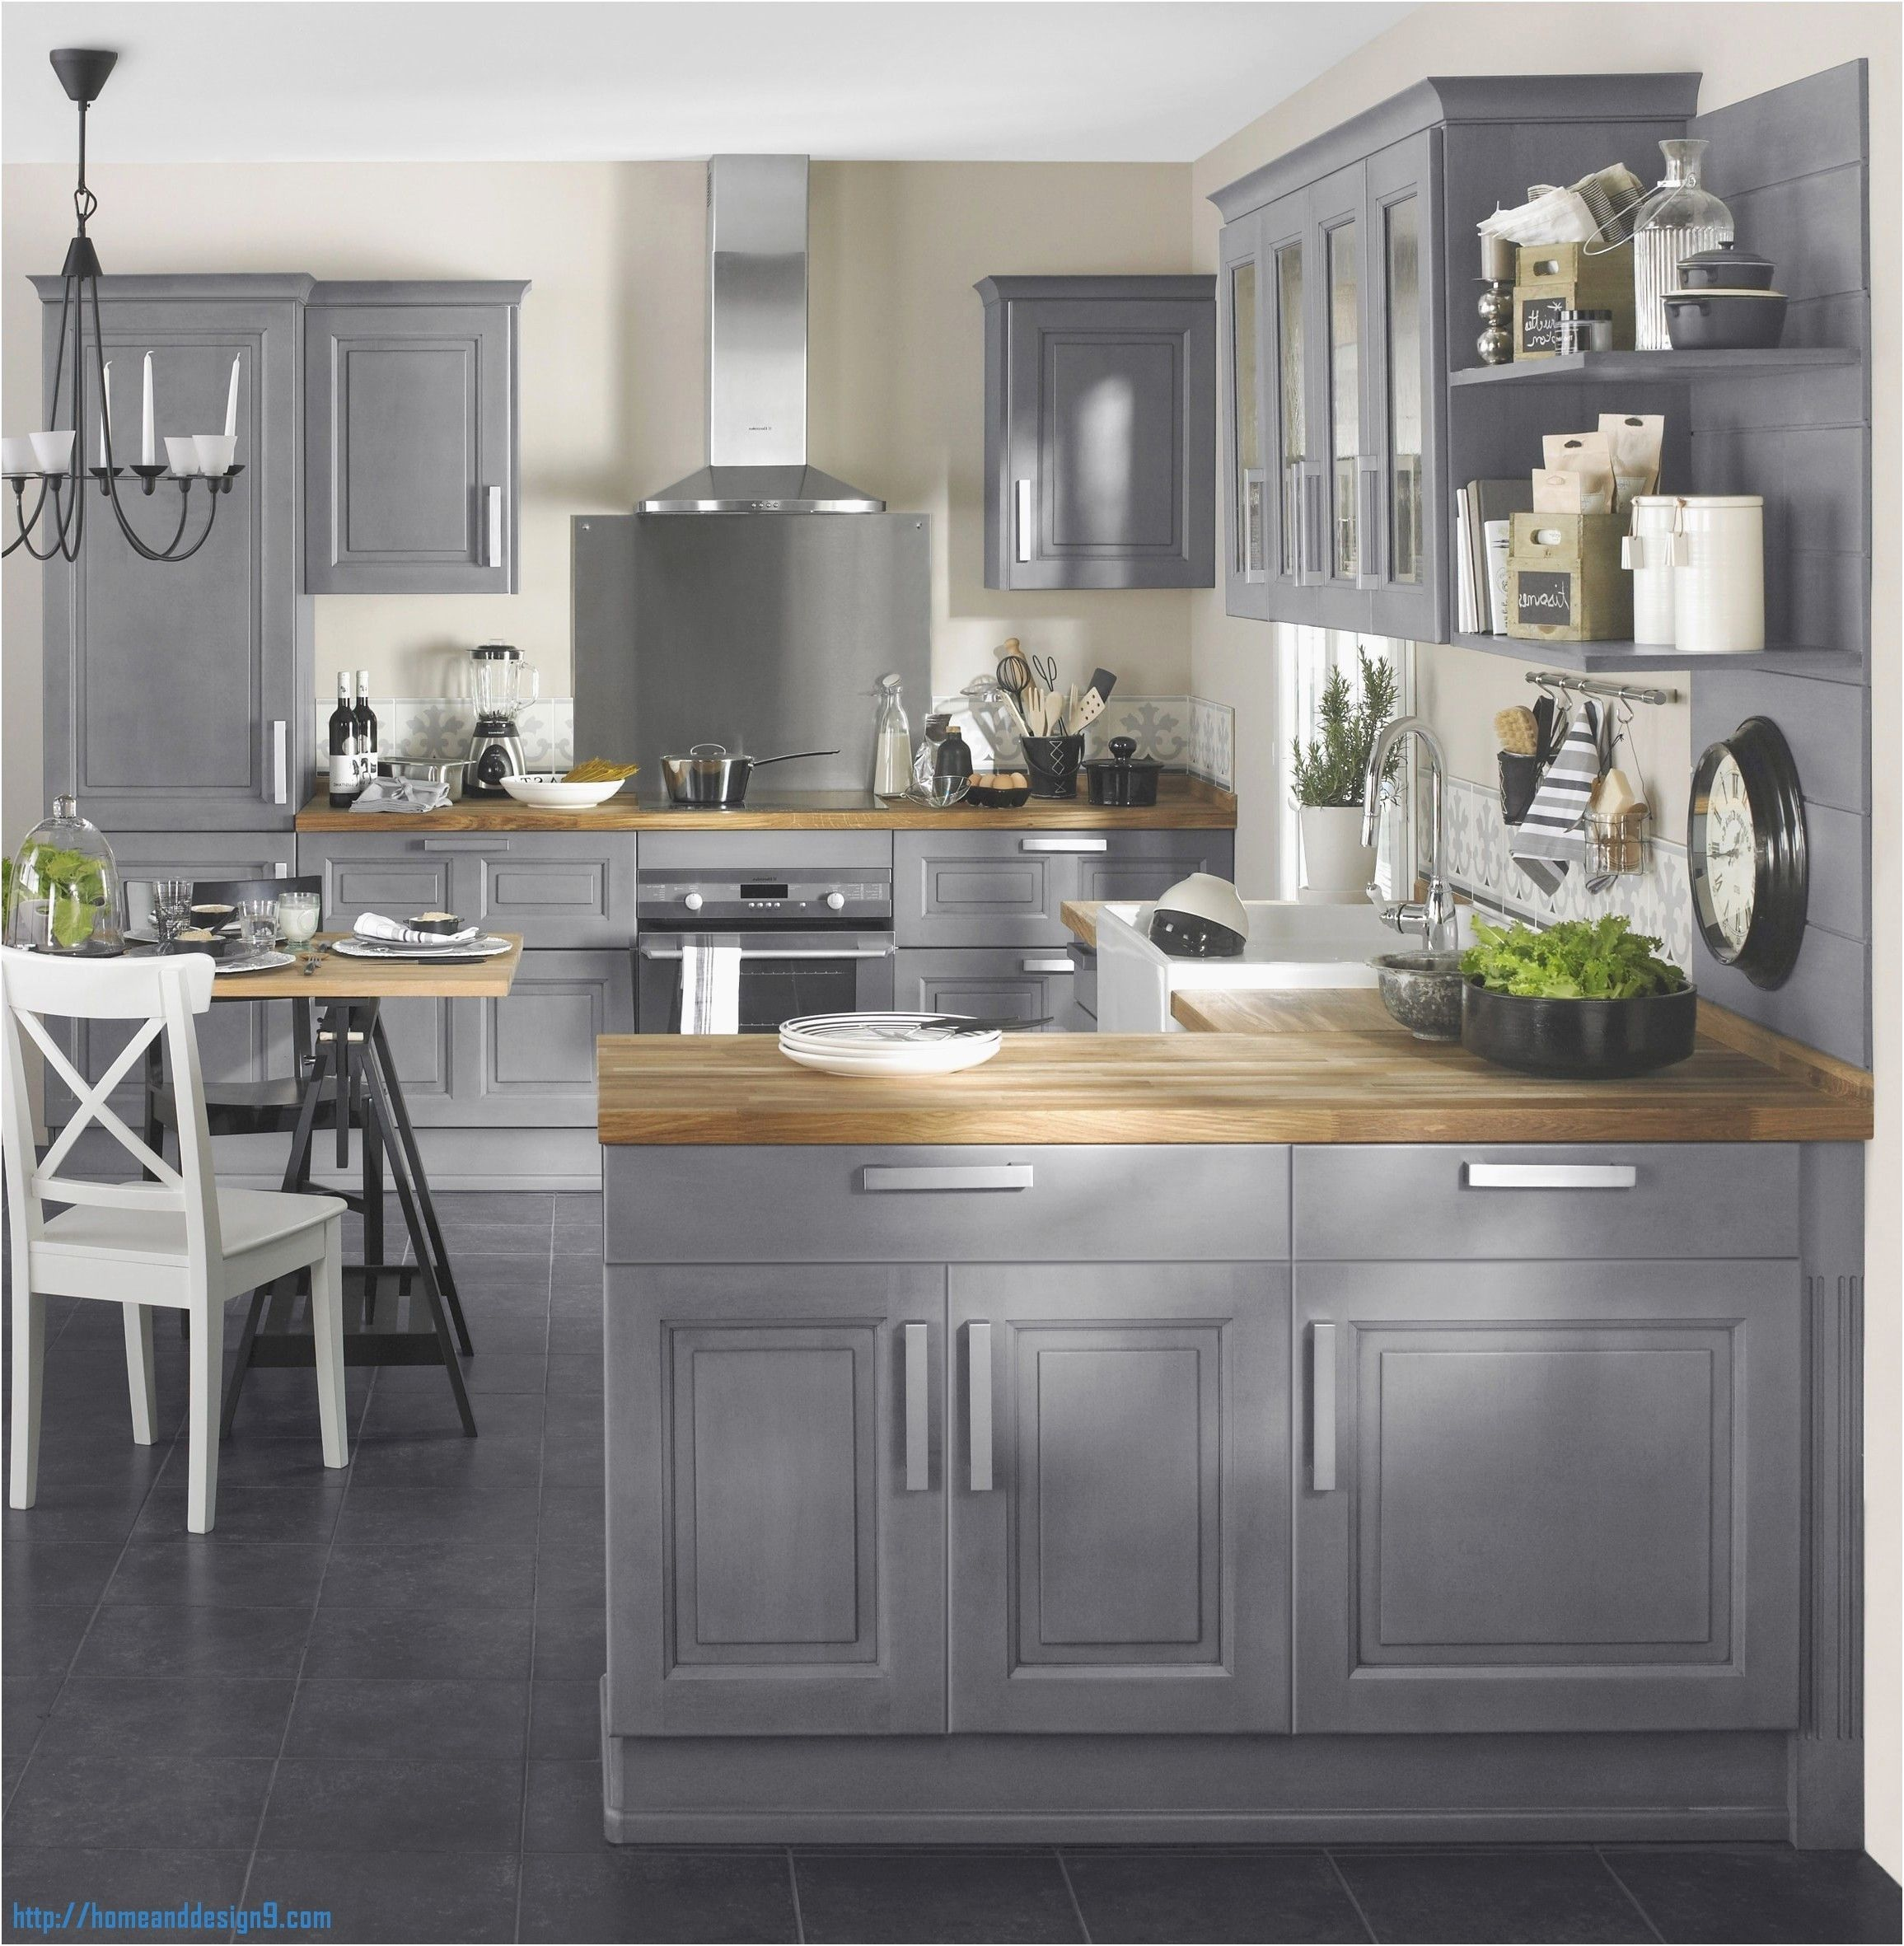 Schnell Abnehmen Bauch In 2020 Kitchen Remodel Small Kitchen Redo Kitchen Design